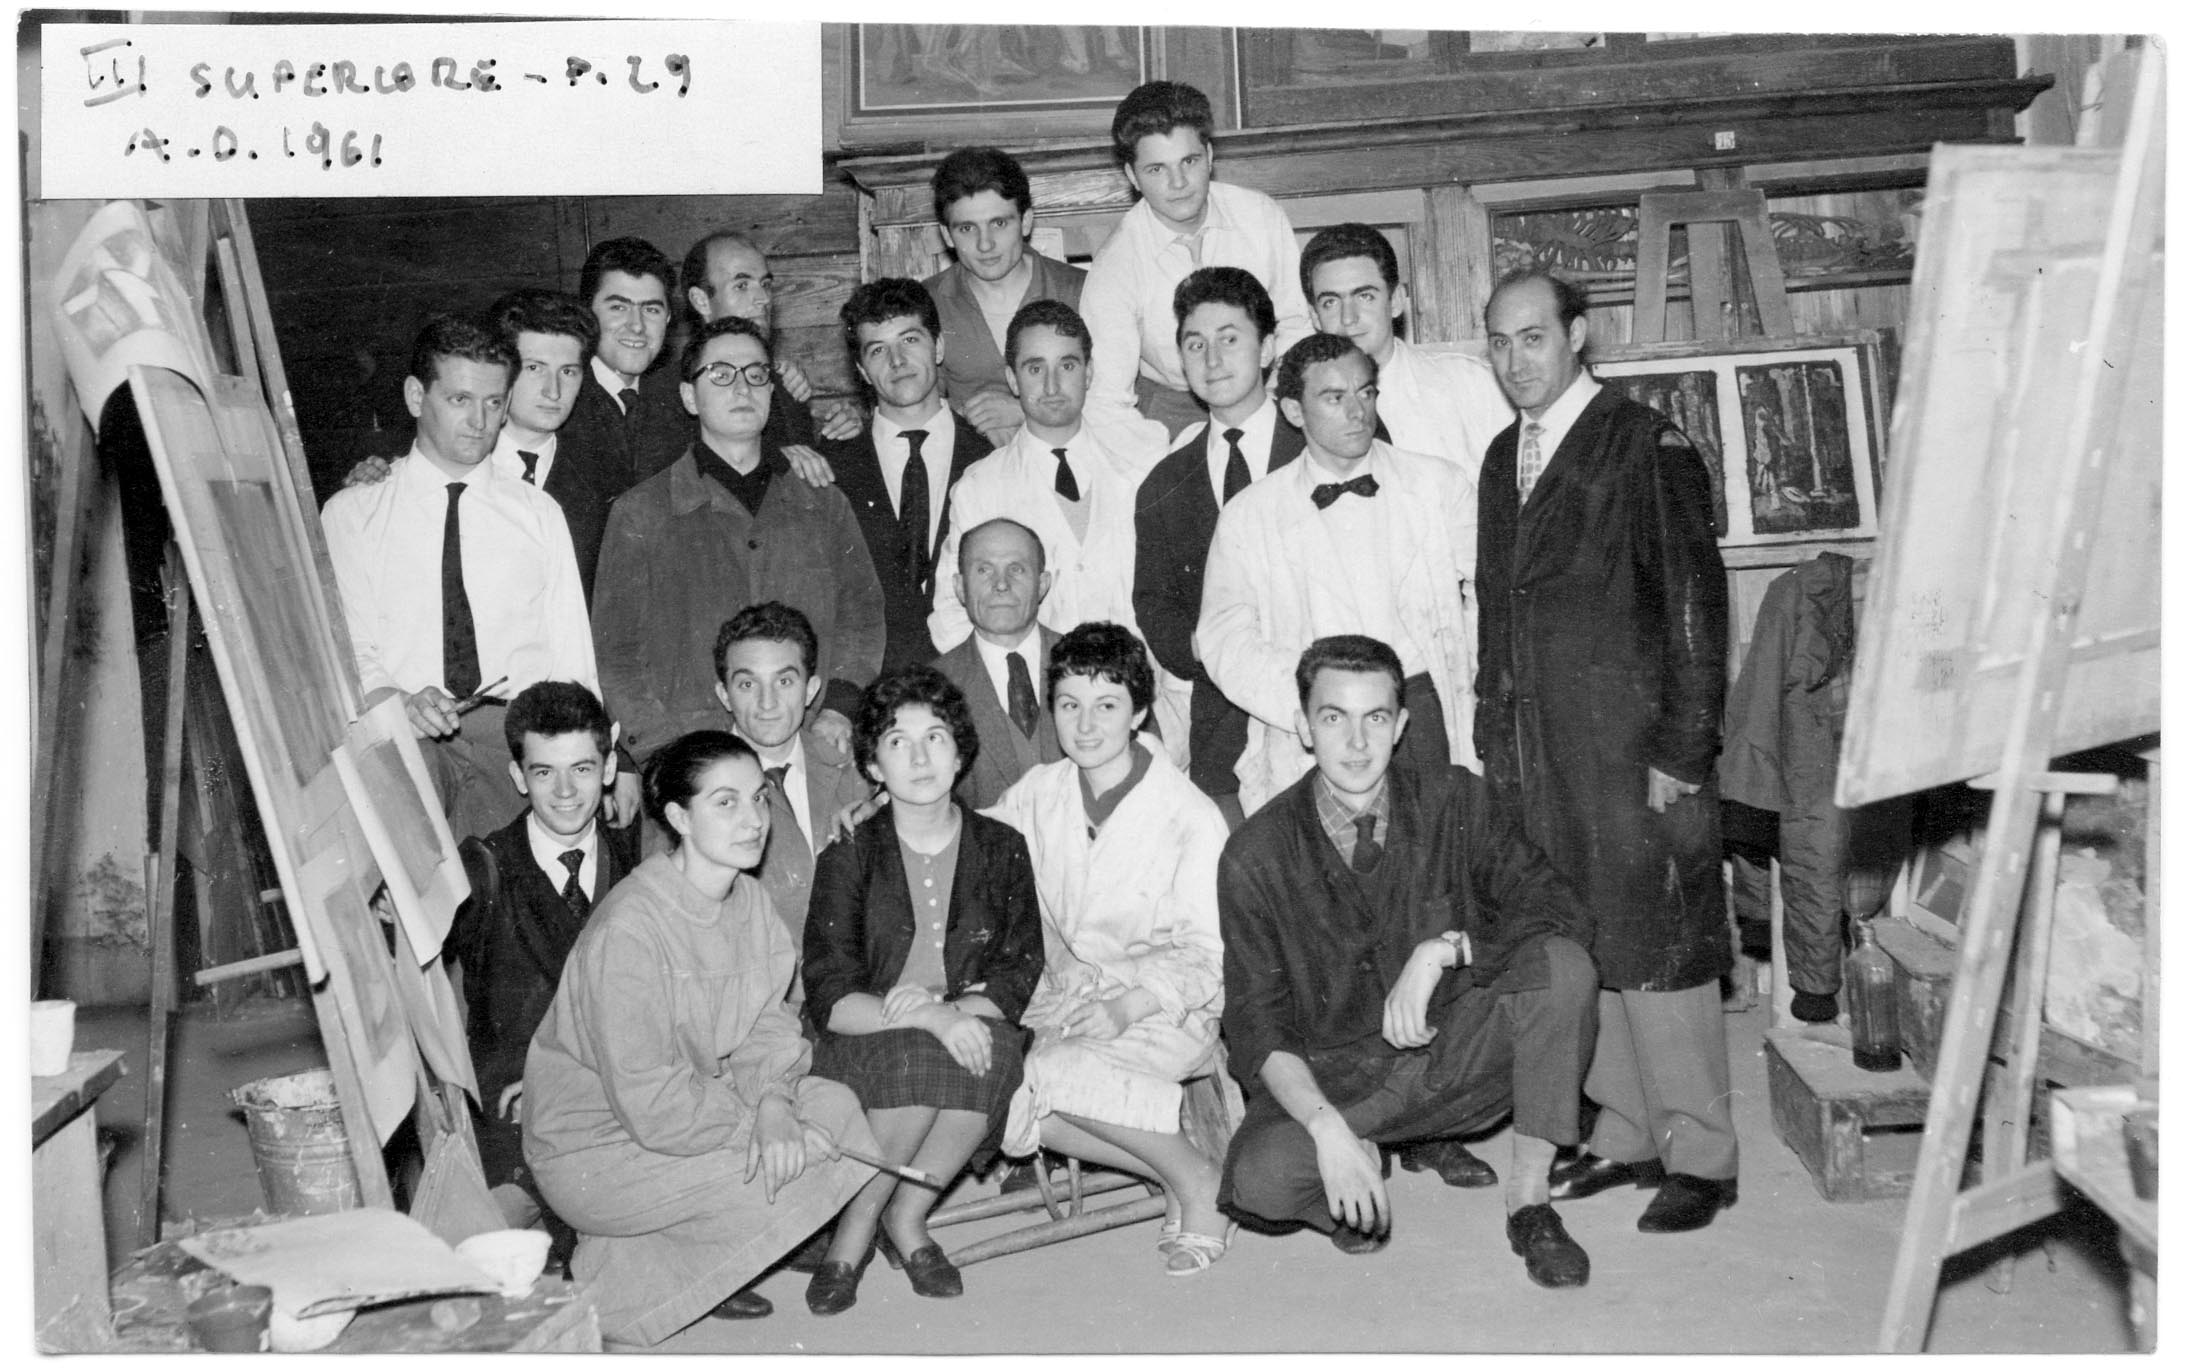 III Superiore 1961 - Prof. Bertazzoni